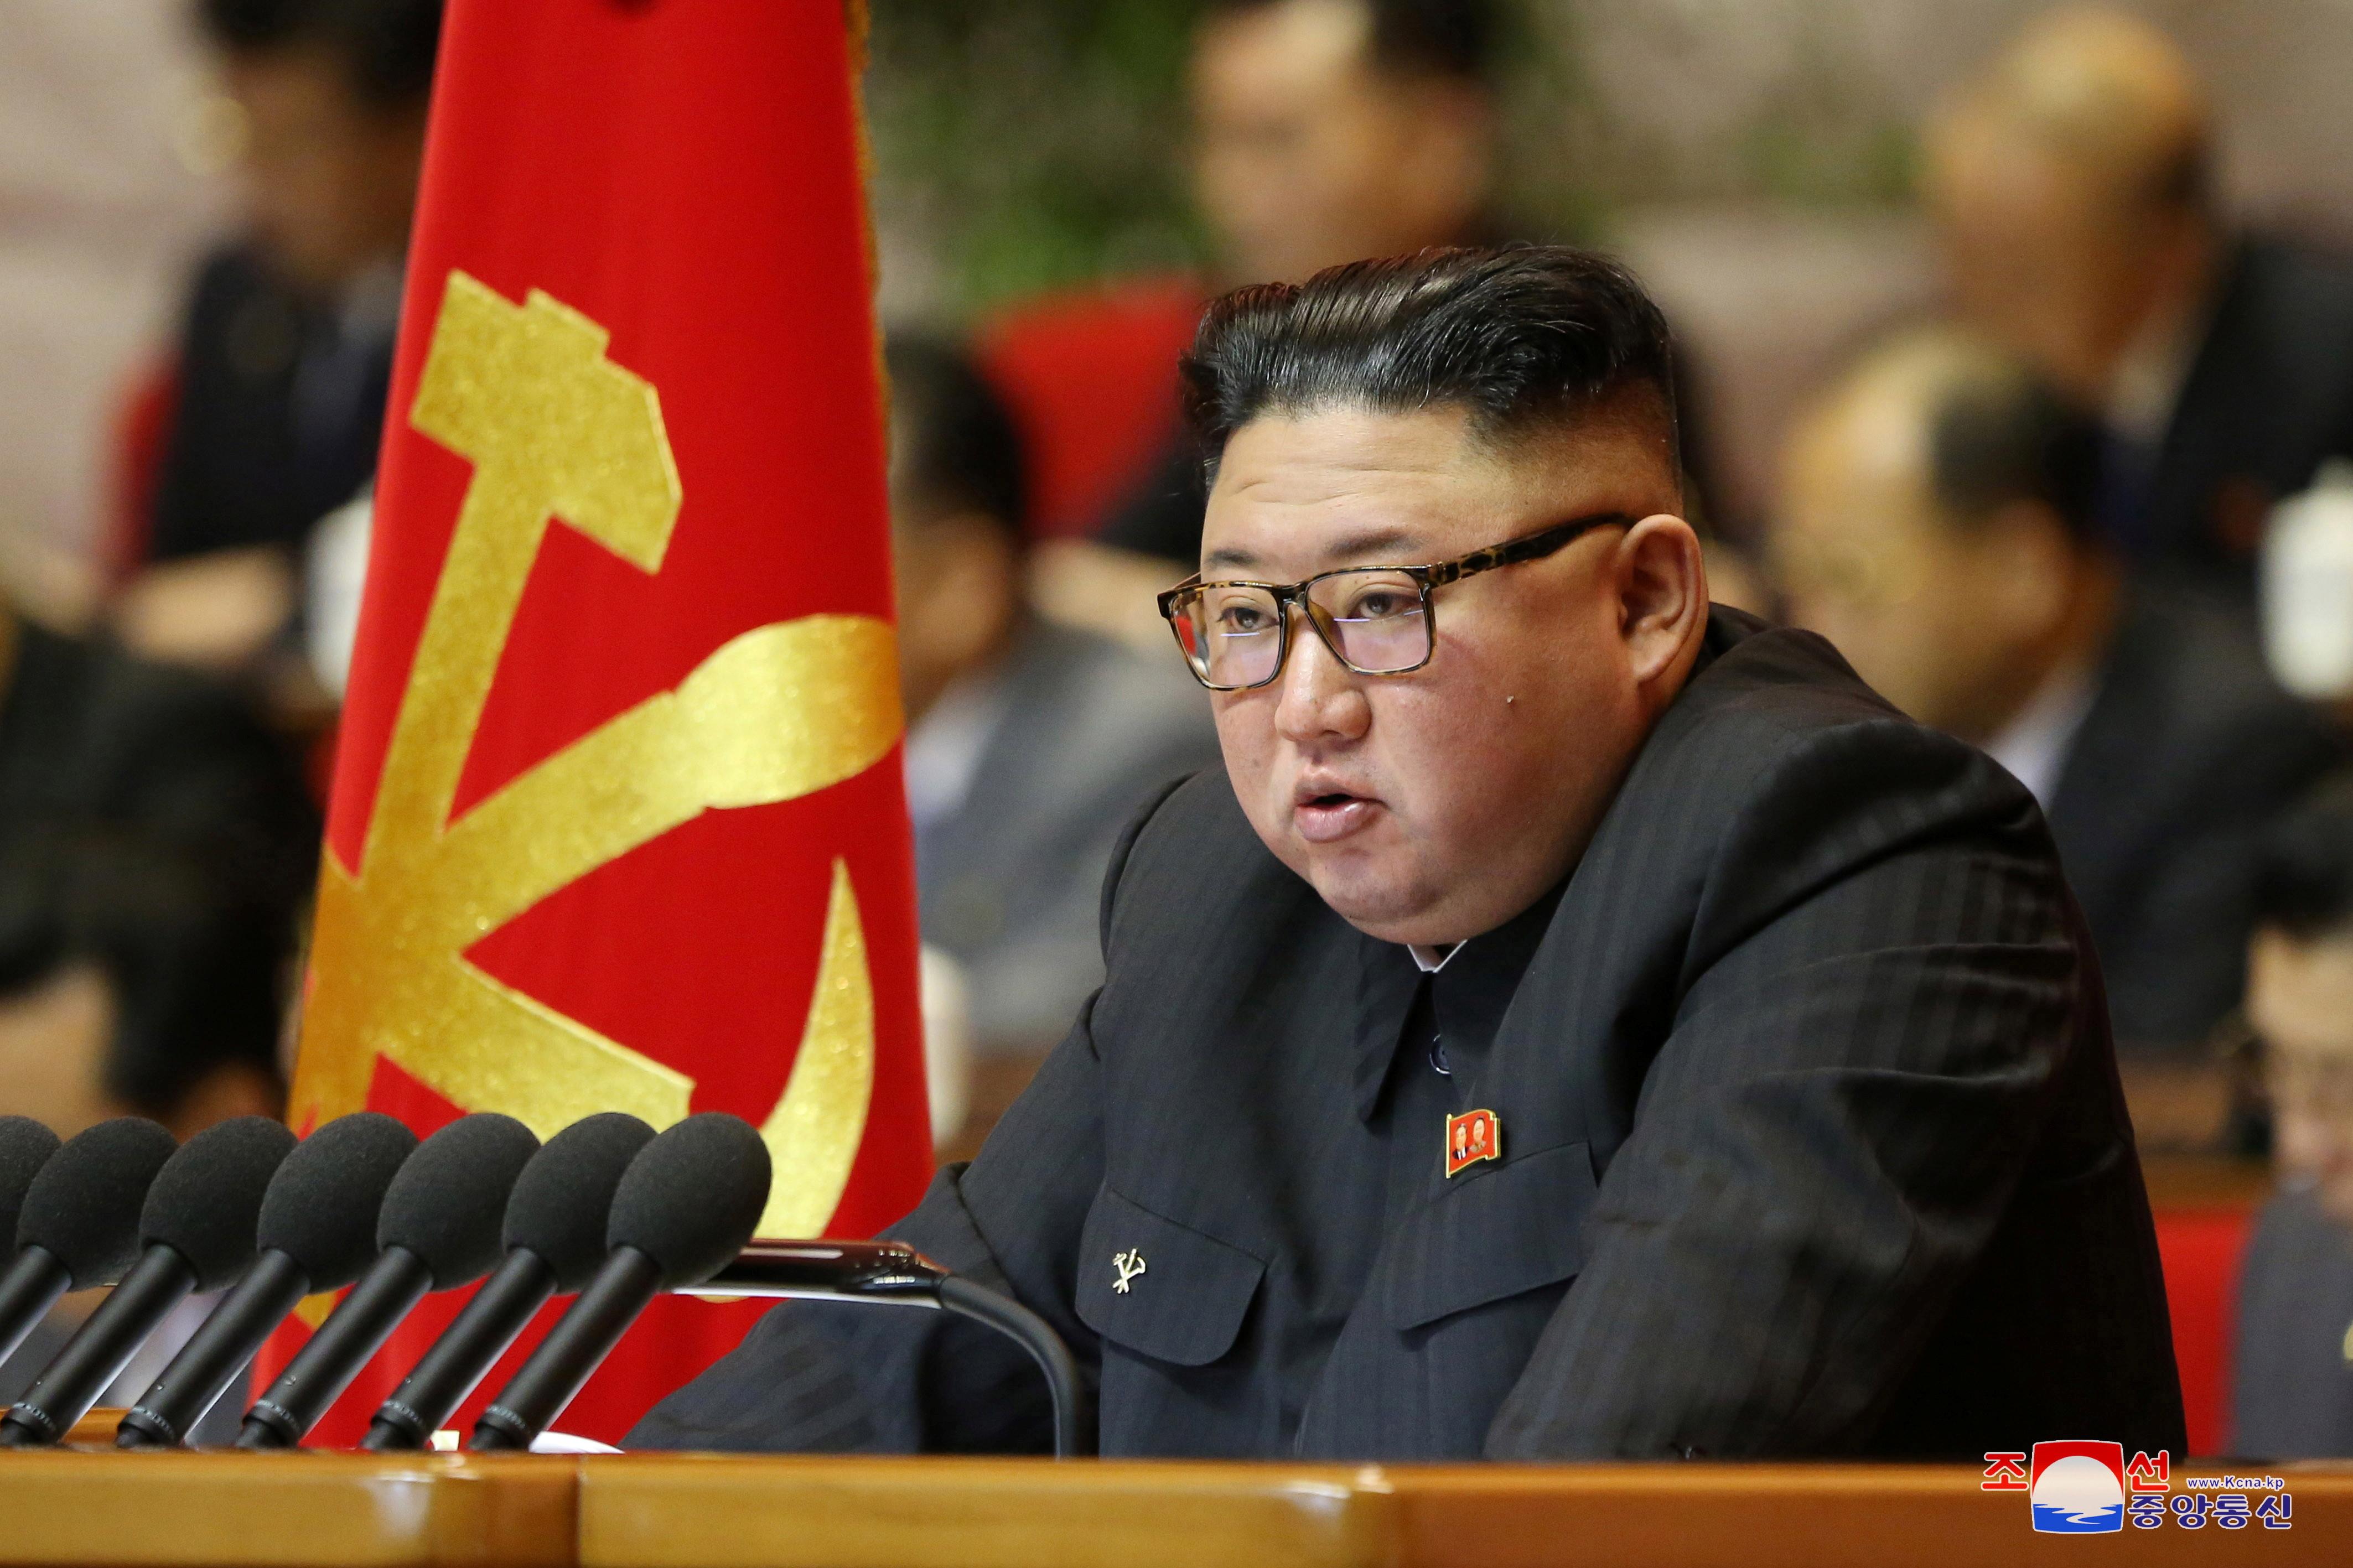 ▲▼北韓面臨國際制裁、經濟困境、全球疫情,脫北者認為金正恩已顯疲憊。(圖/路透社)